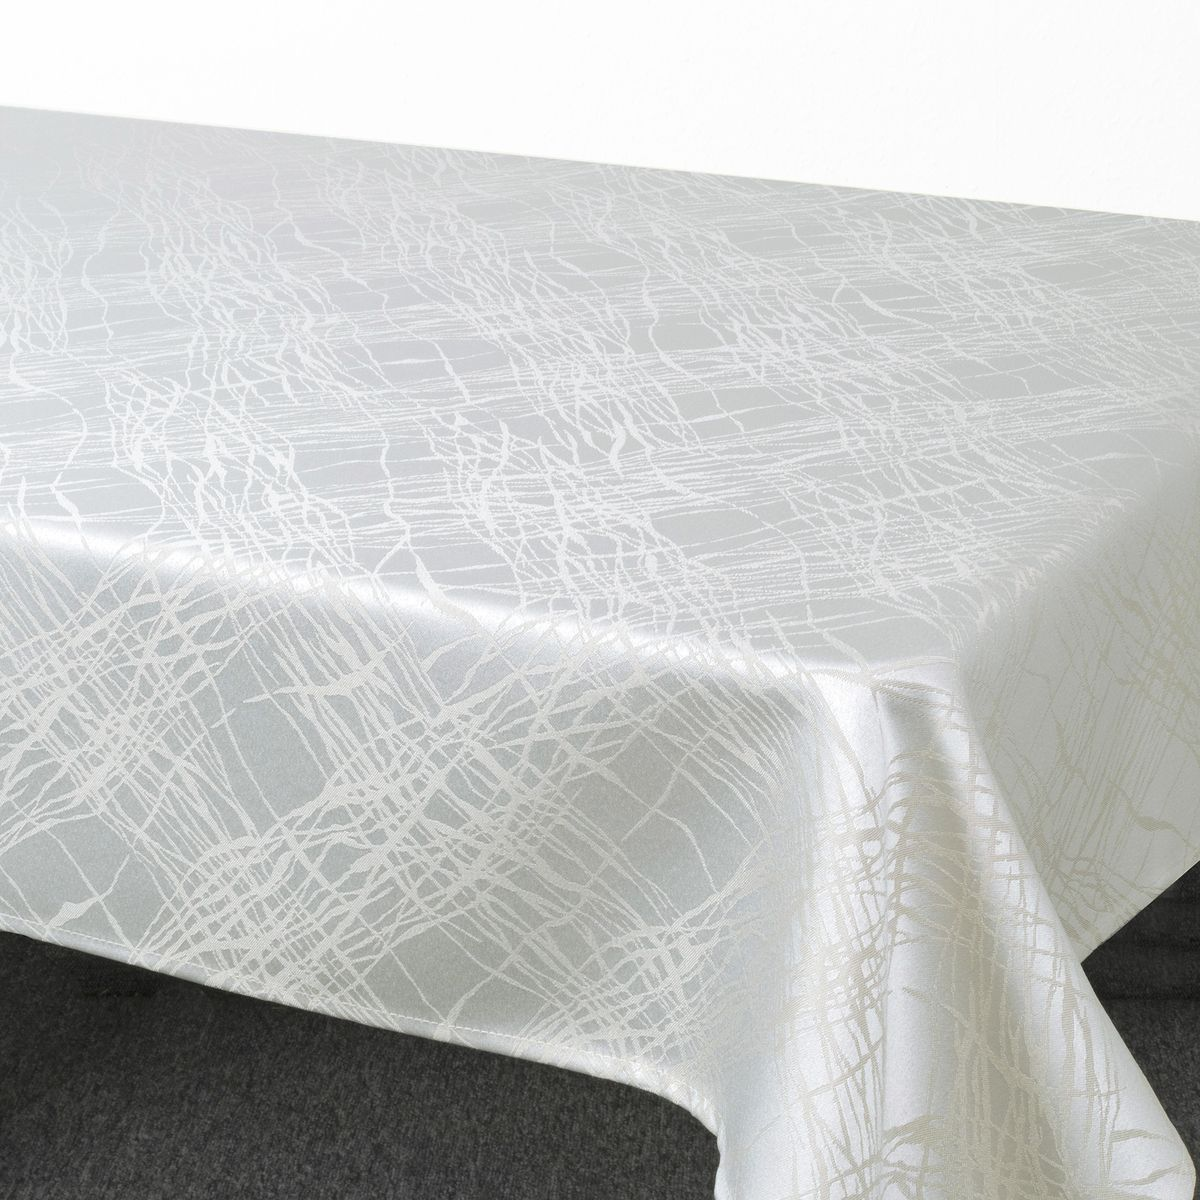 Скатерть Schaefer, прямоугольная, цвет: серый, 130 х 170 см. 07813-4294054.4Стильная скатерть Schaefer выполнена из полиэстера.Изделия из полиэстера легко стирать: они не мнутся, не садятся и быстро сохнут, они более долговечны, чем изделия из натуральных волокон.Немецкая компания Schaefer создана в 1921 году. На протяжении всего времени существования она создает уникальные коллекции домашнего текстиля для гостиных, спален, кухонь и ванных комнат. Дизайнерские идеи немецких художников компании Schaefer воплощаются в текстильных изделиях, которые сделают ваш дом красивее и уютнее и не останутся незамеченными вашими гостями. Дарите себе и близким красоту каждый день!